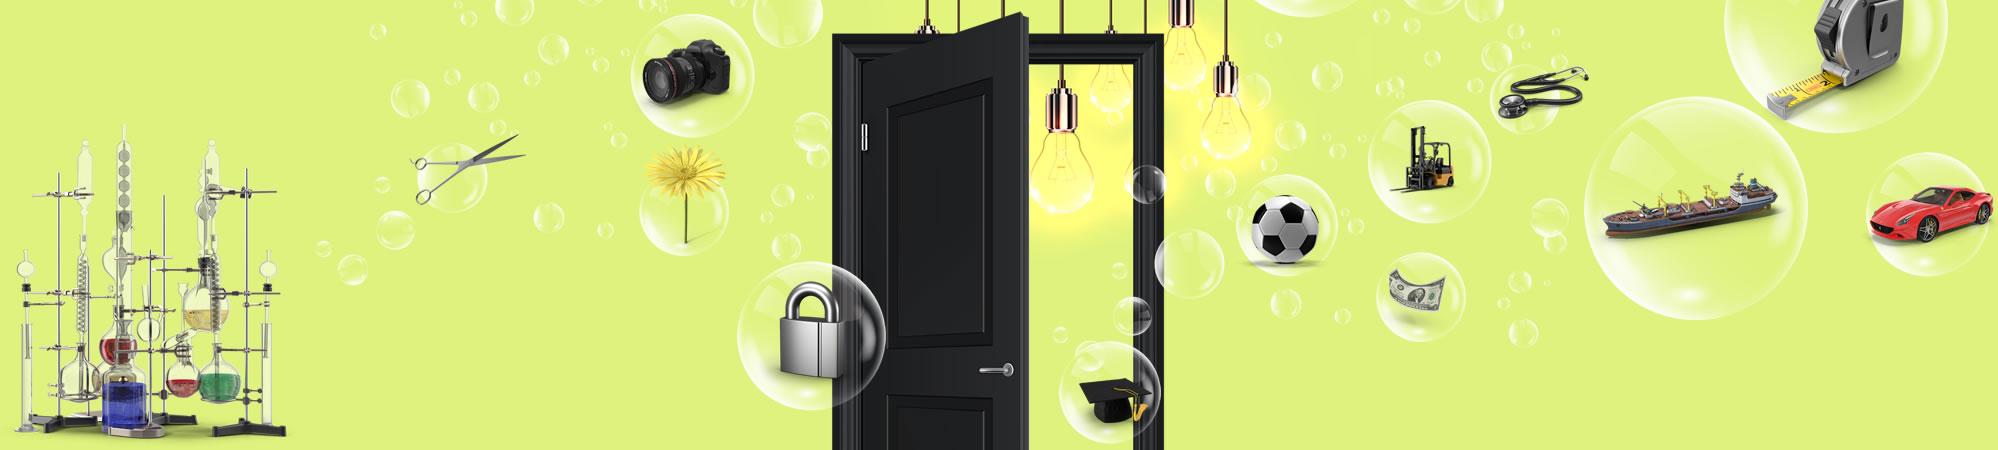 Porta aberta, soluções digitais